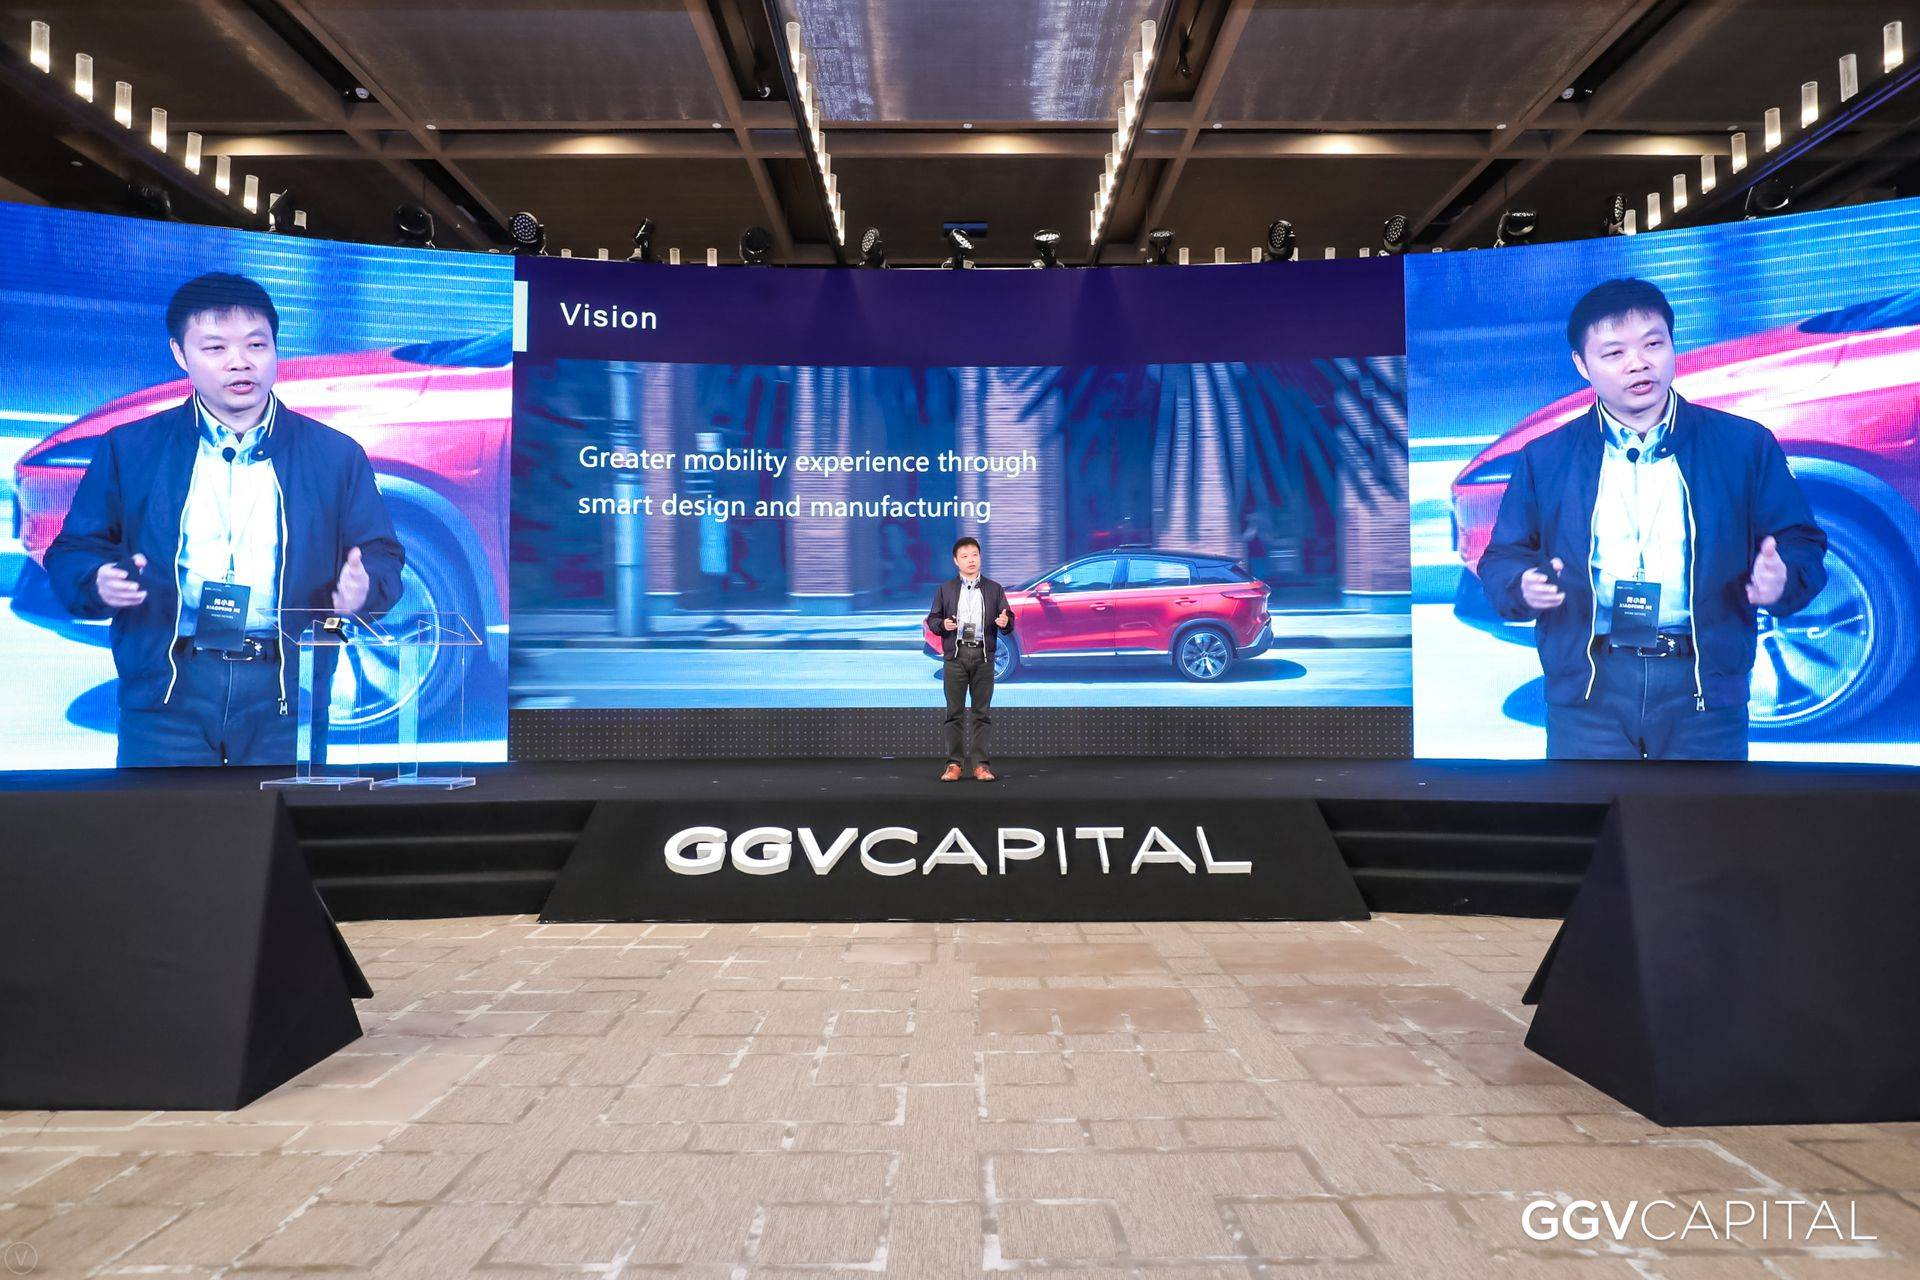 小鹏——程序员跨界造车交车在即丨亿欧造车新势力研究系列文章